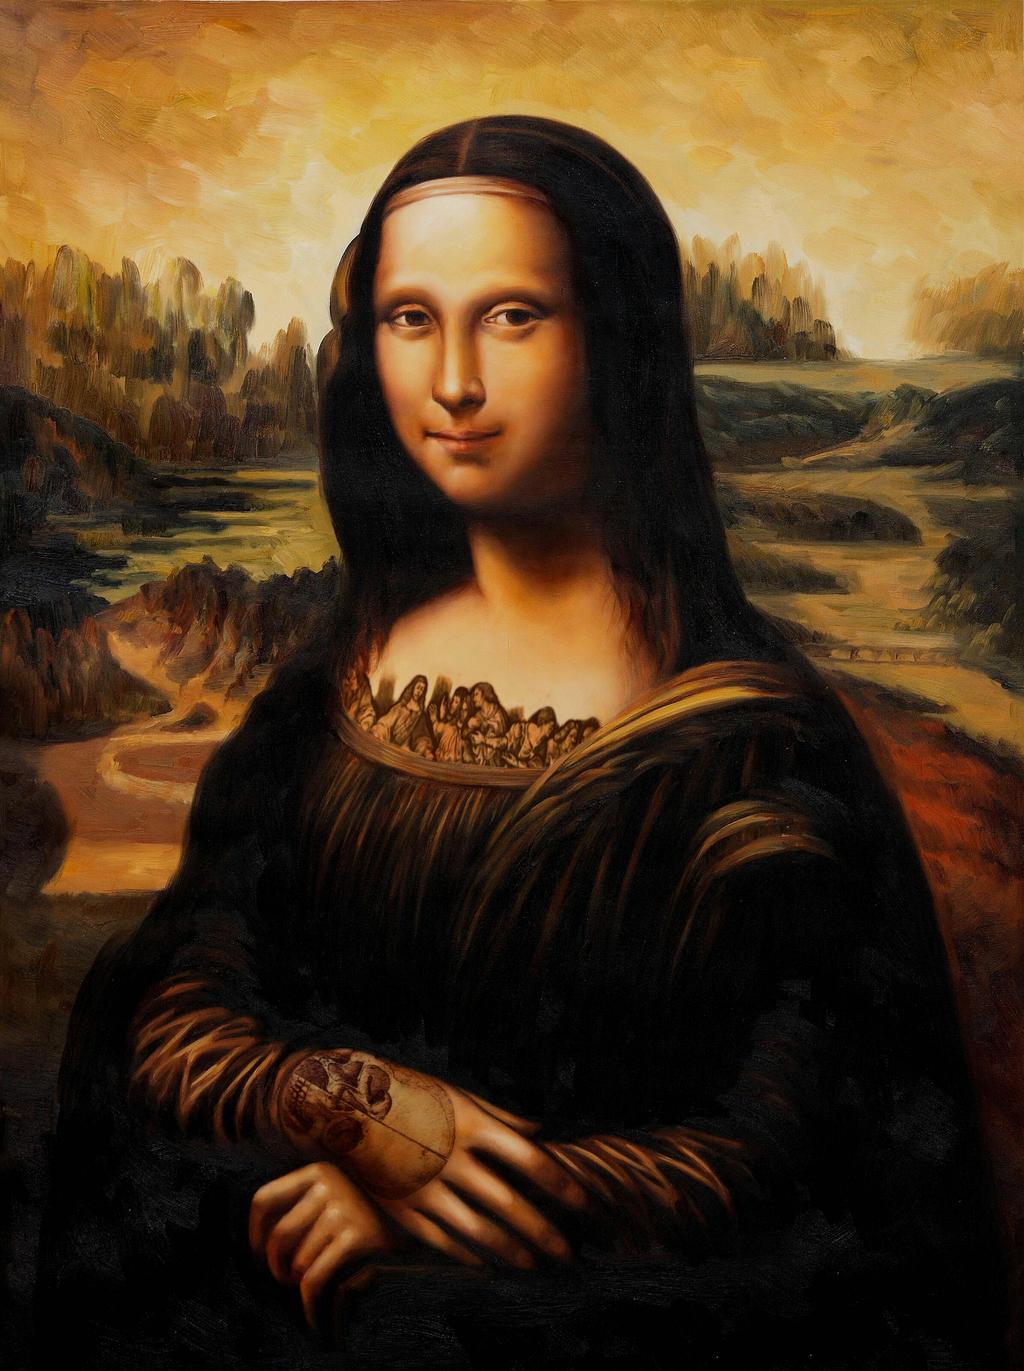 Mona Lisa DaVinci'd V.1 By S.Creighton by SCreighton on ... Da Vinci Mona Lisa